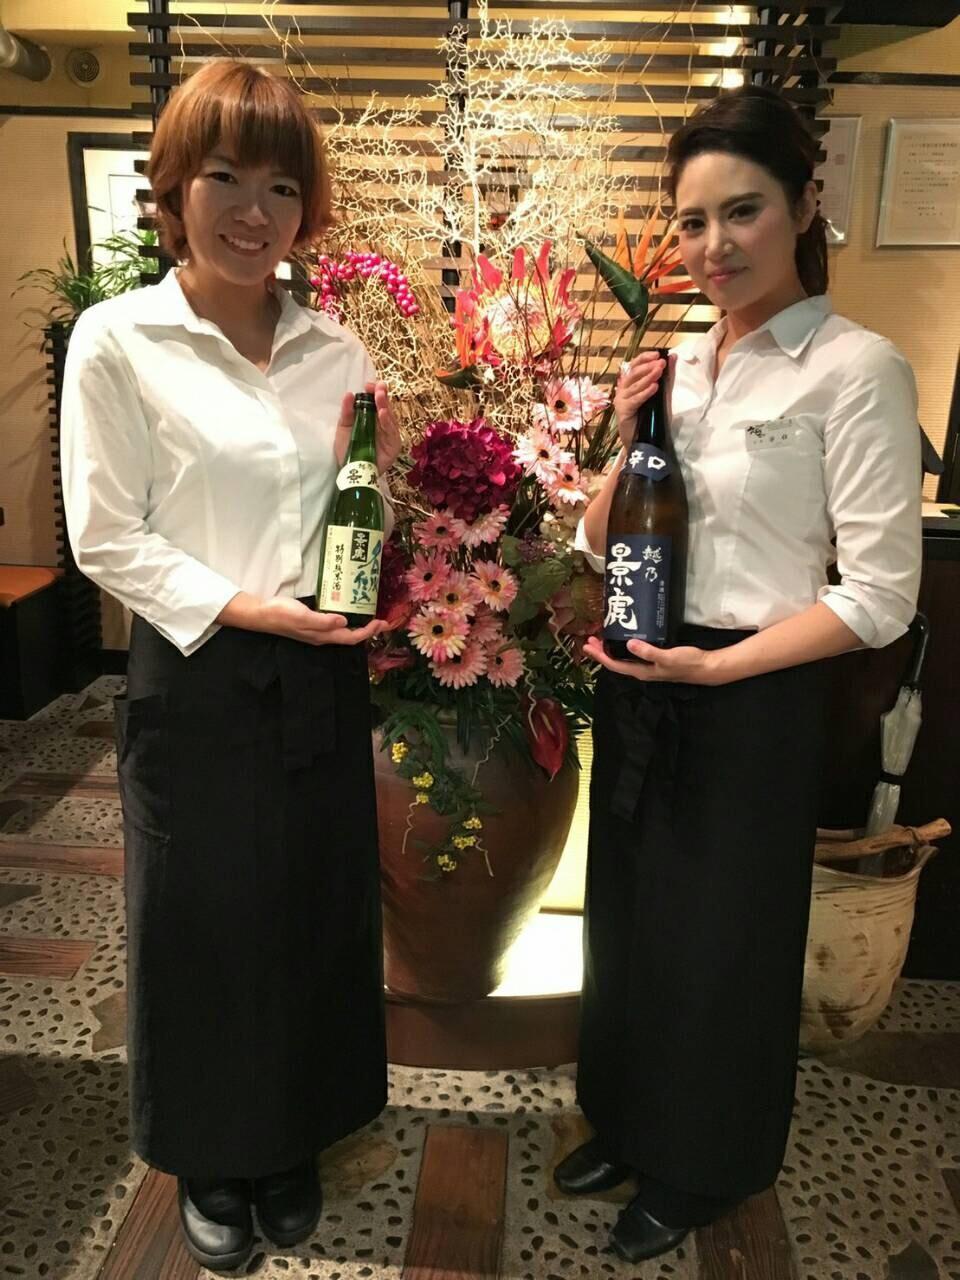 創作和食と地酒 えちご 神楽坂 のアルバイト情報